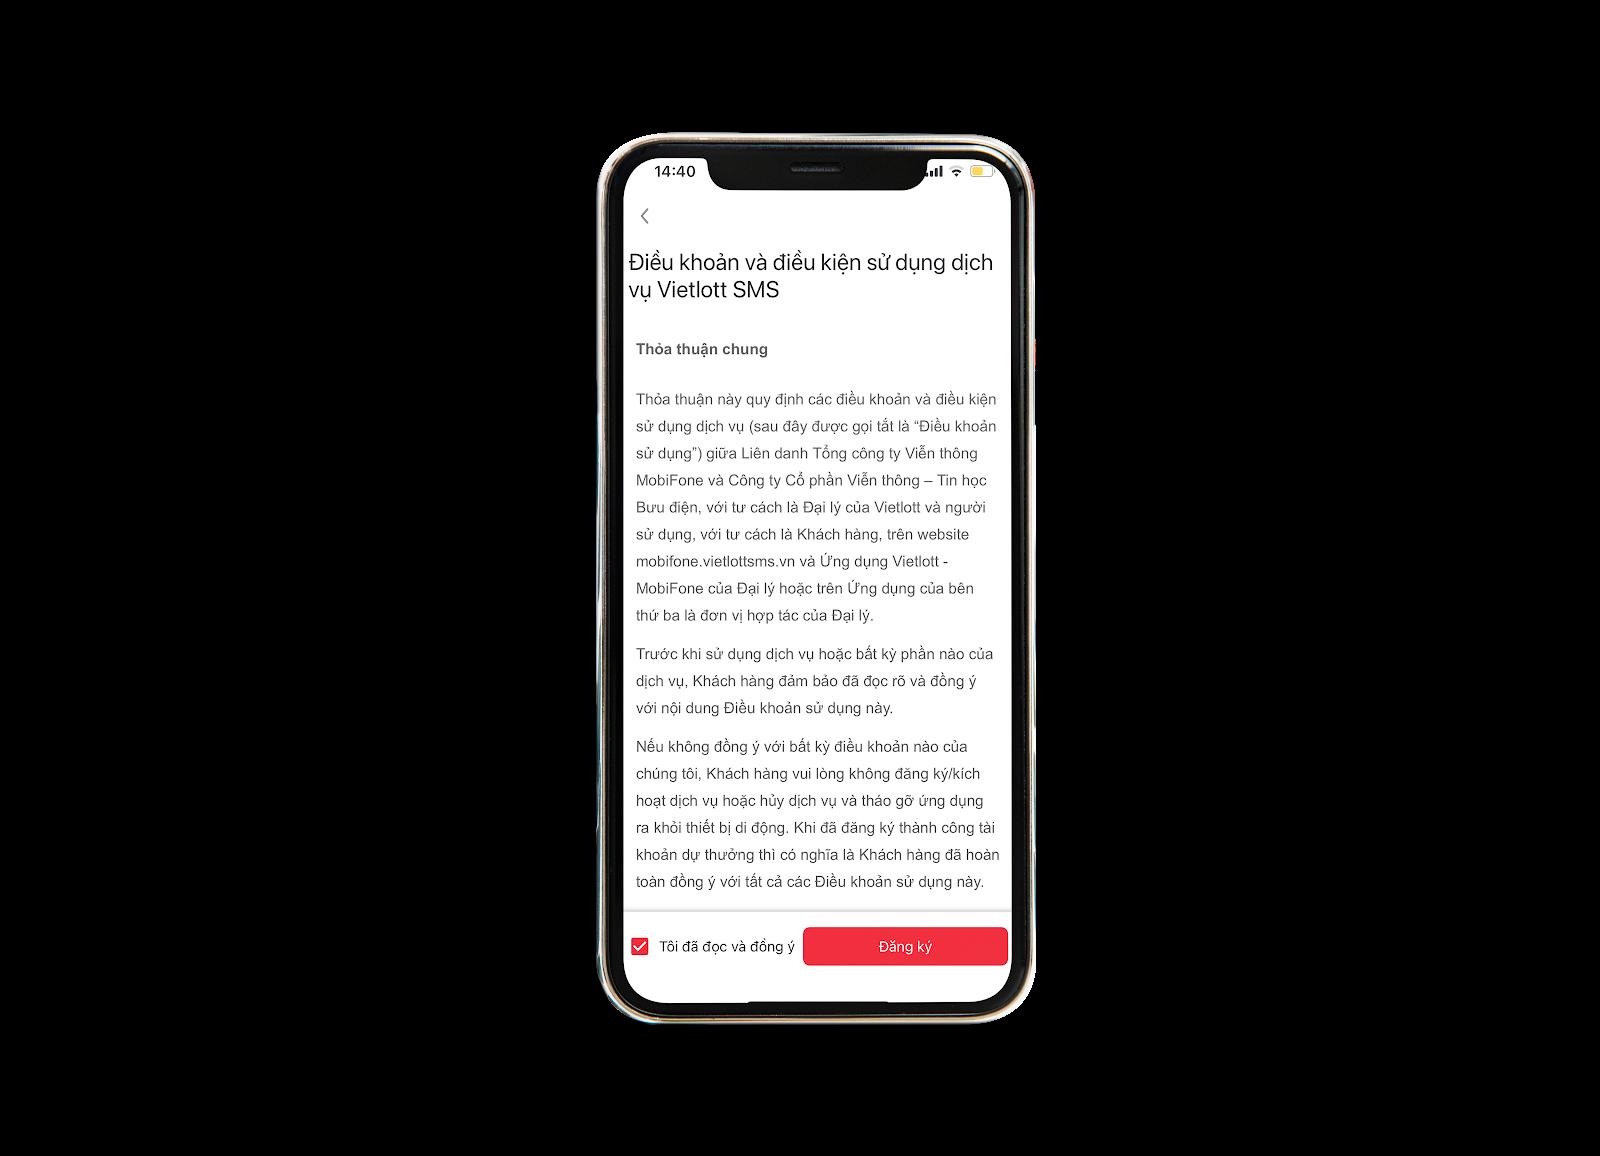 Đồng ý với các điều khoản mua vé số Vietlott online